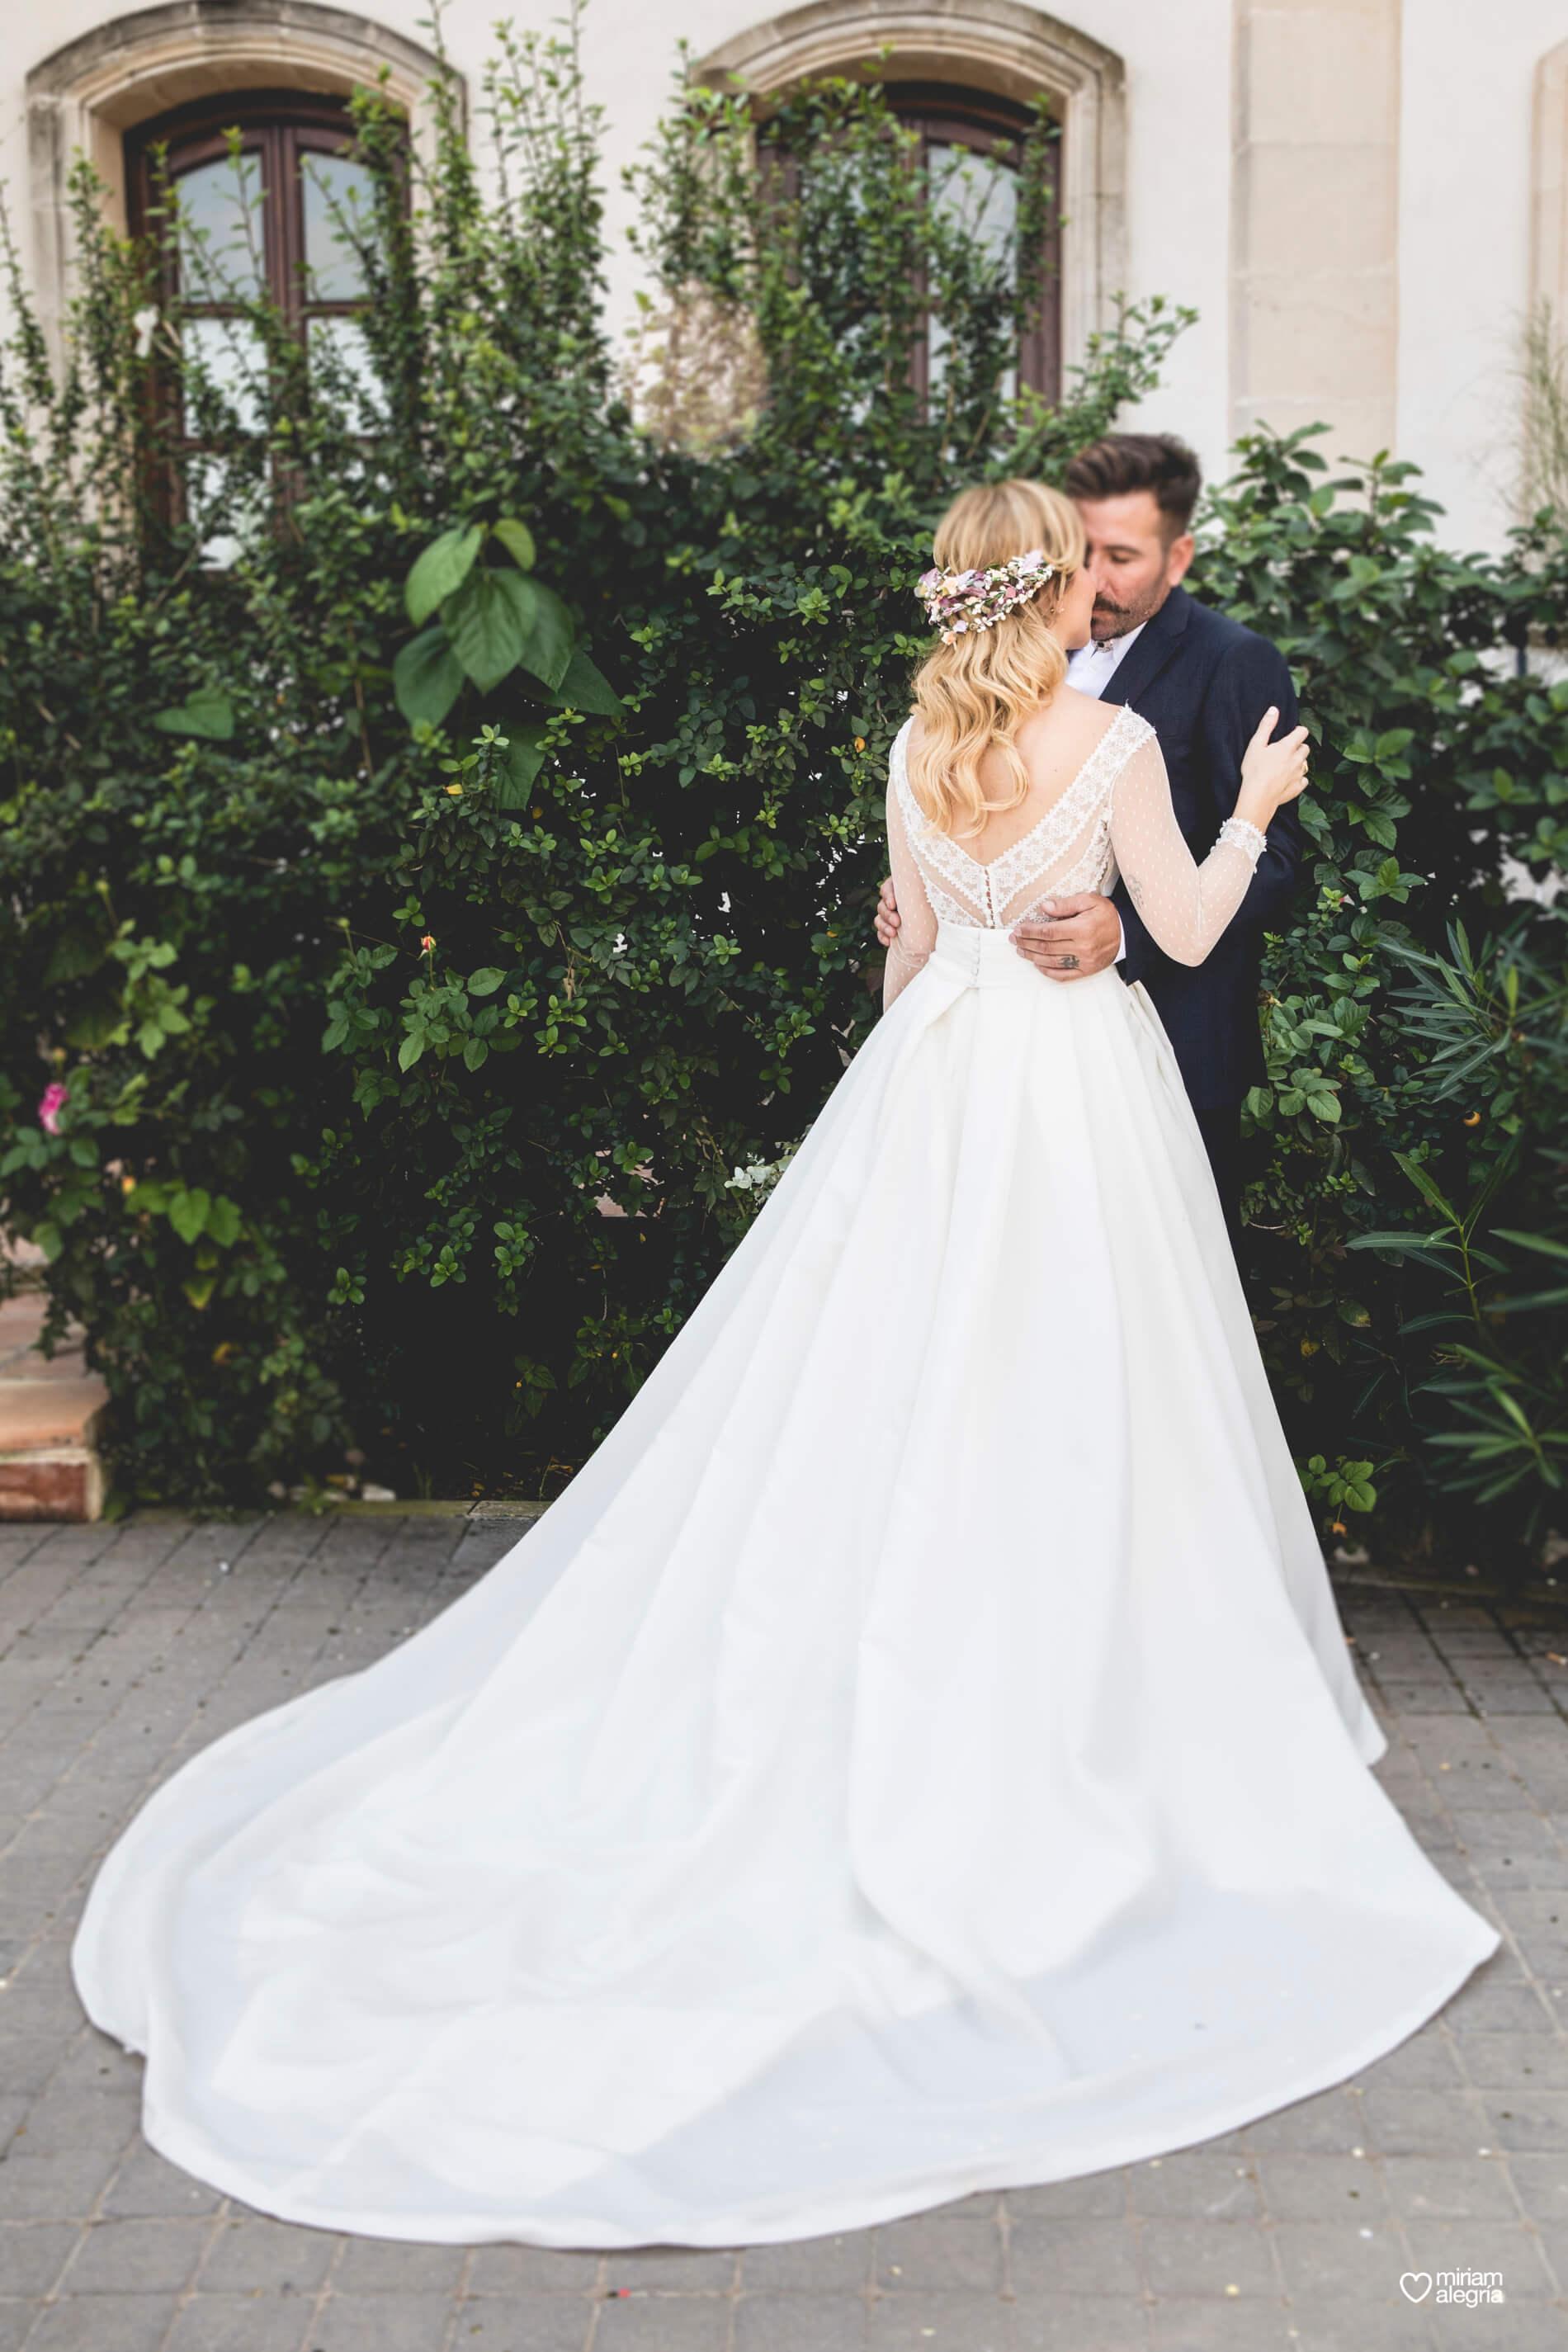 boda-en-finca-villa-vera-de-alemc7-miriam-alegria-fotografos-boda-murcia-117